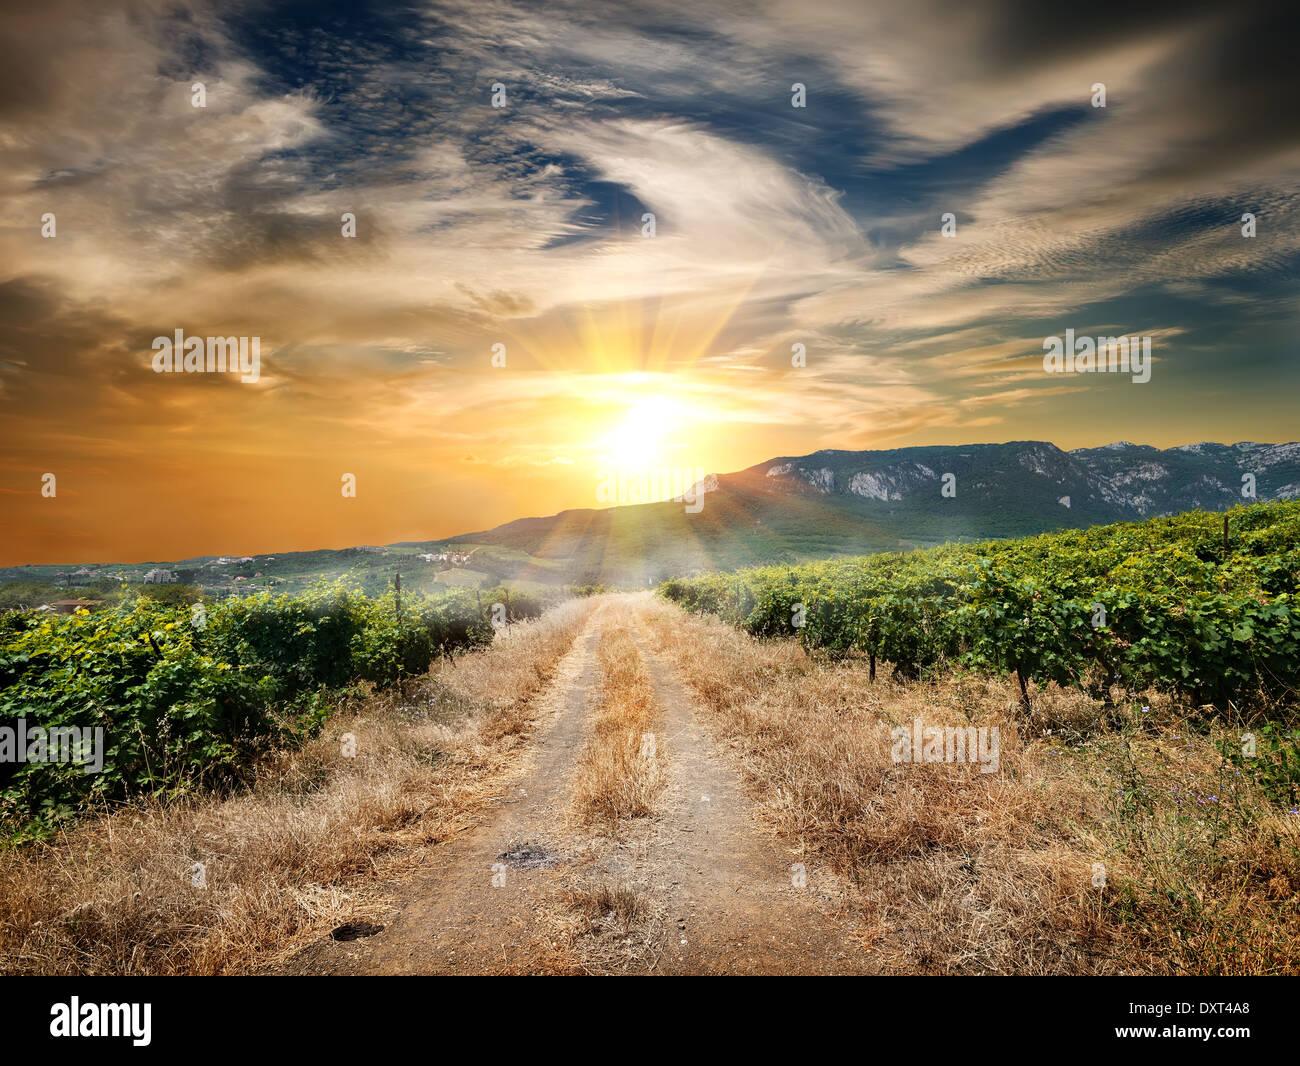 Route de campagne grâce à un vignoble en automne Photo Stock